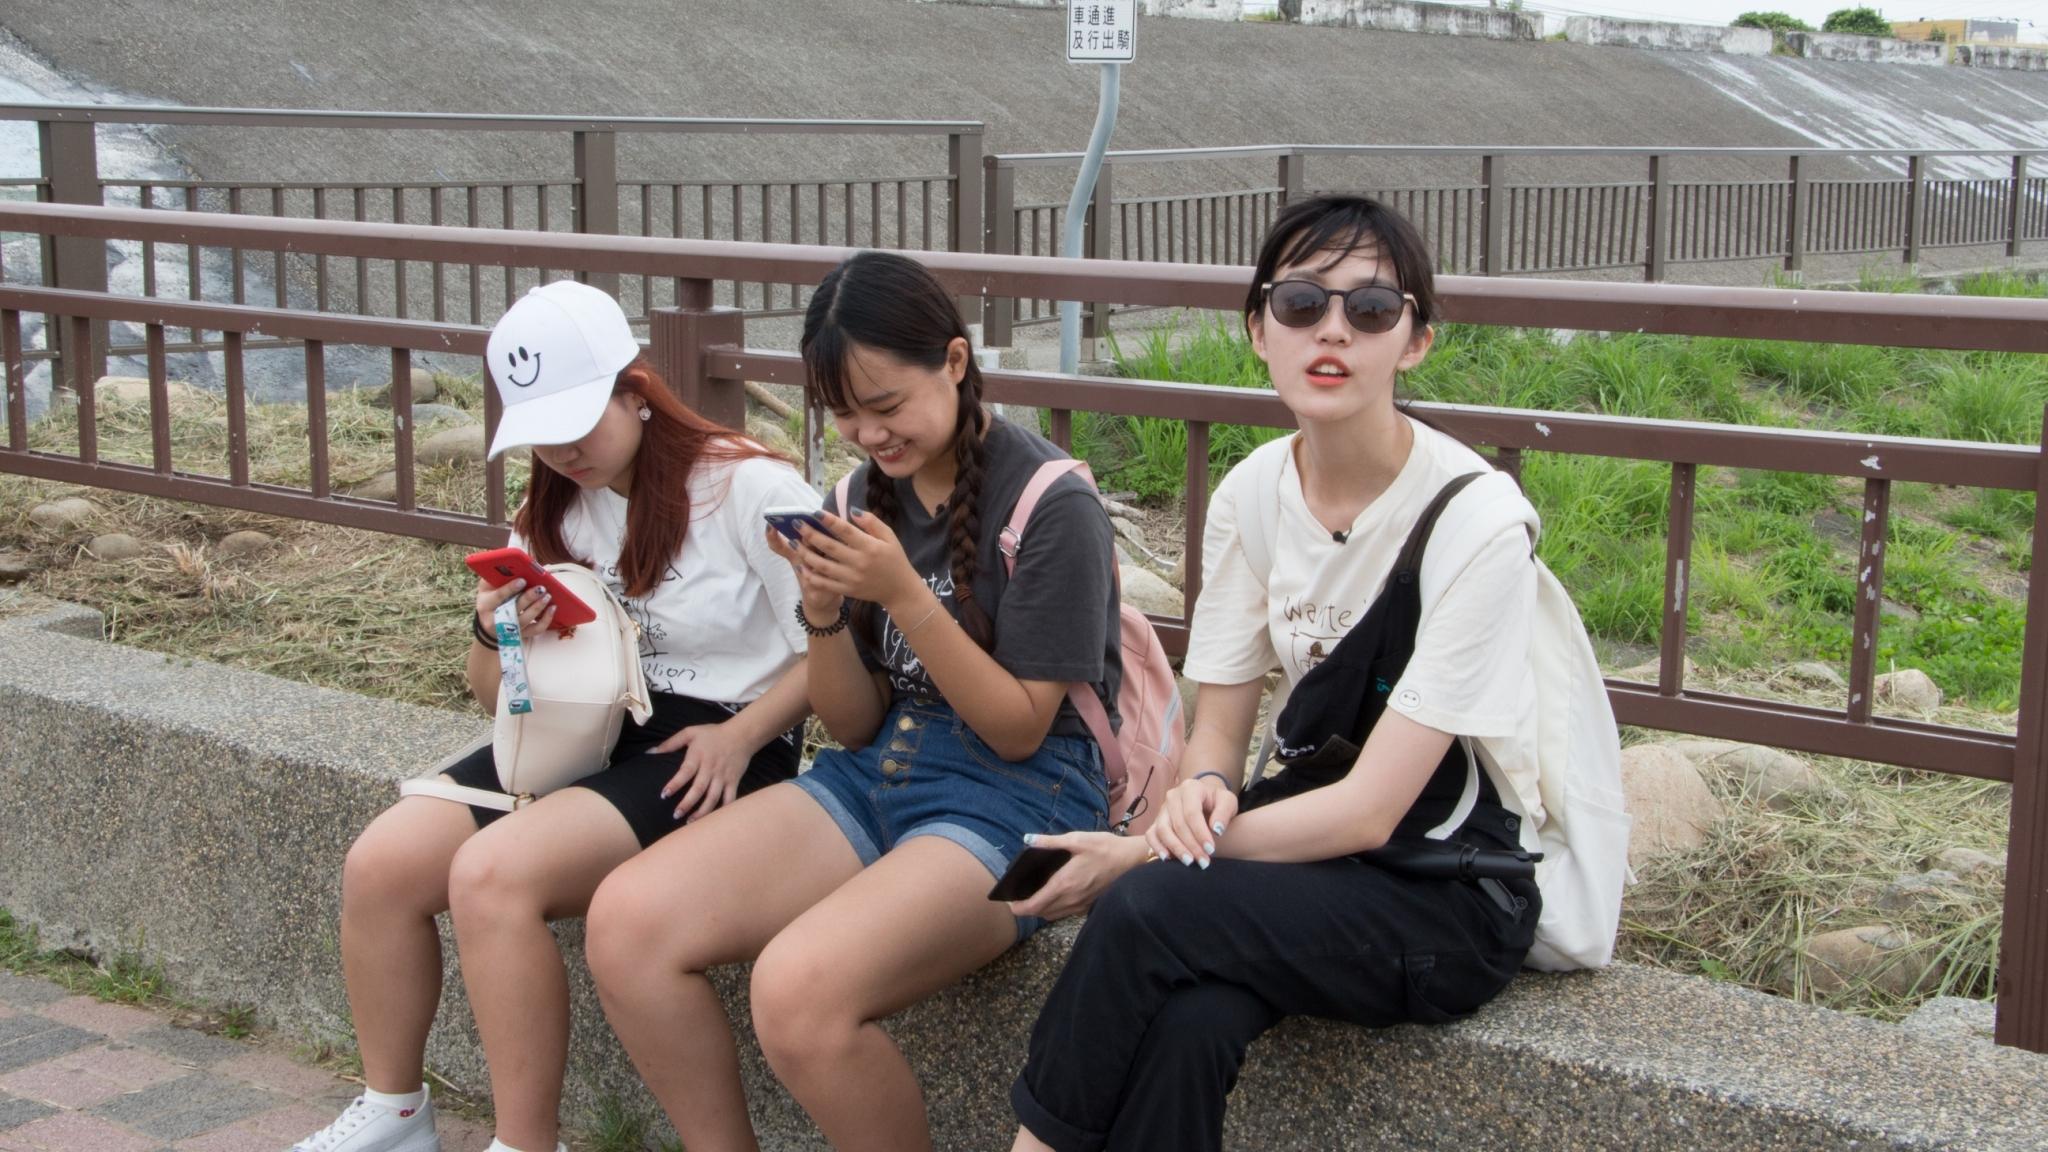 (圖二)外頭的炎炎夏日,讓團員戴起了太陽眼鏡